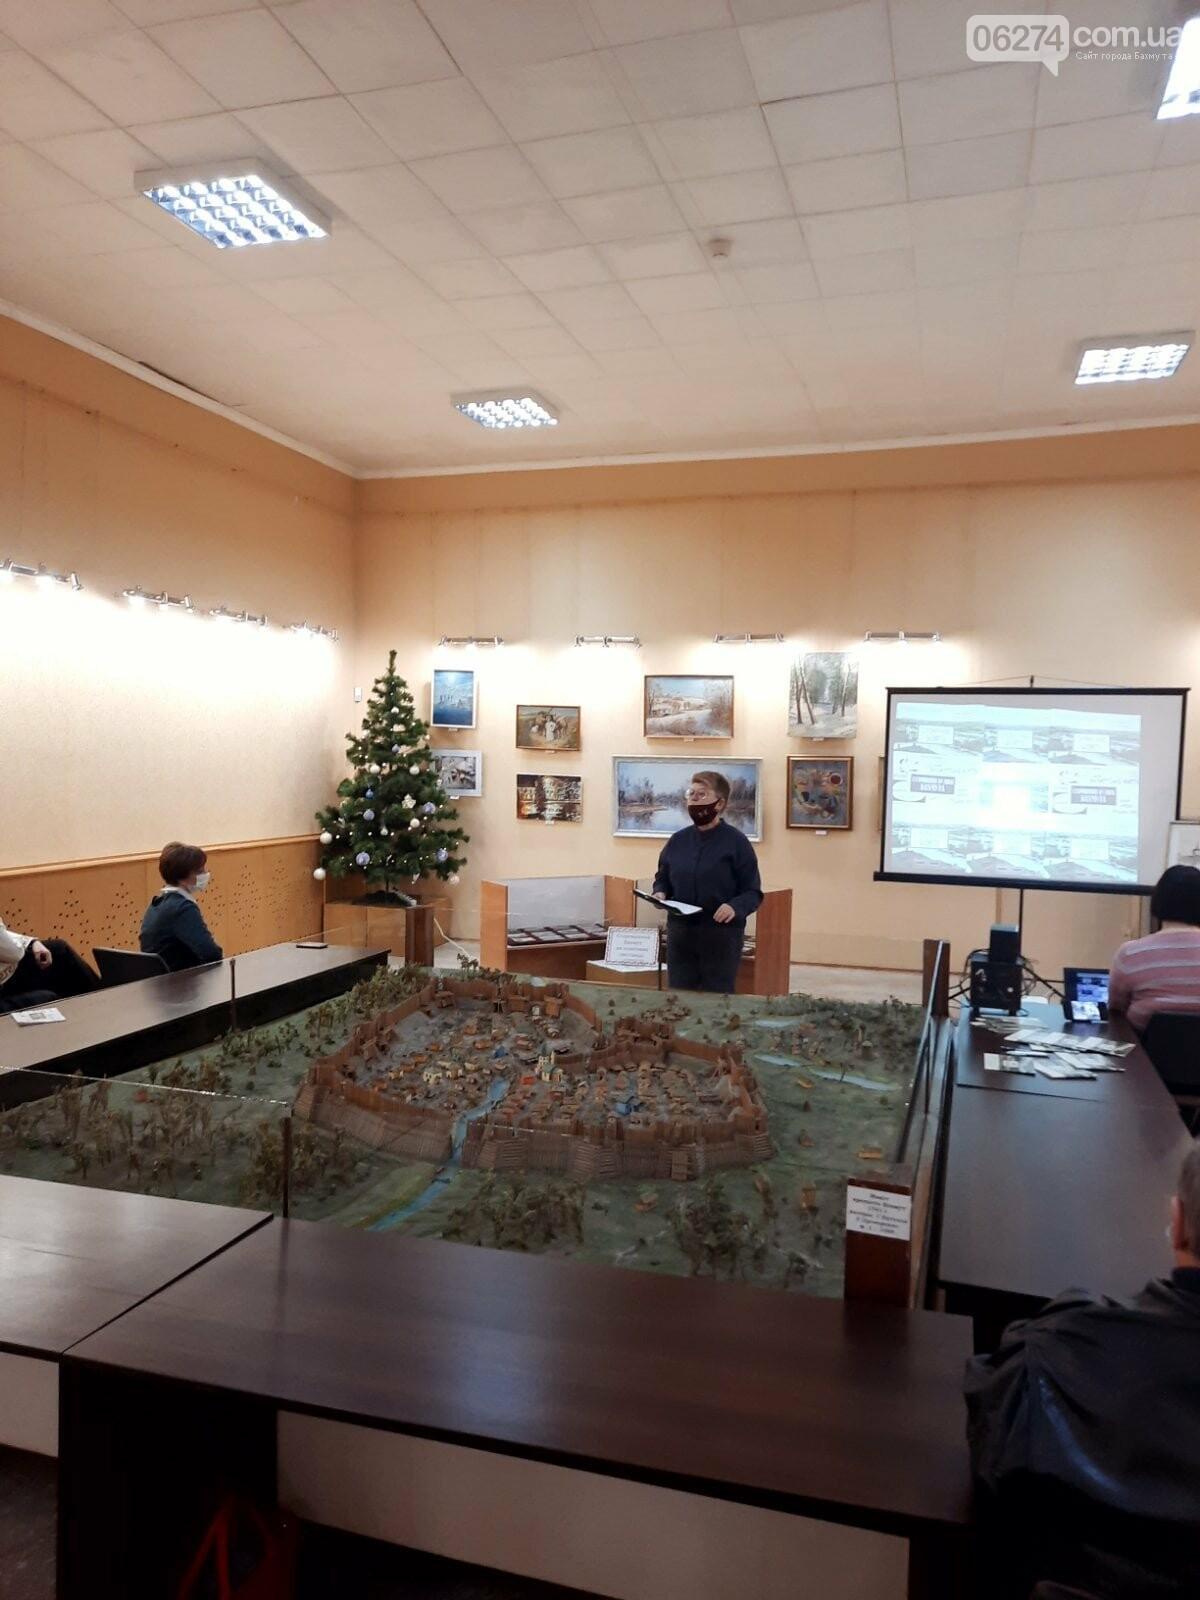 В краеведческом музее презентовали проект «Бахмут сквозь время», фото-2